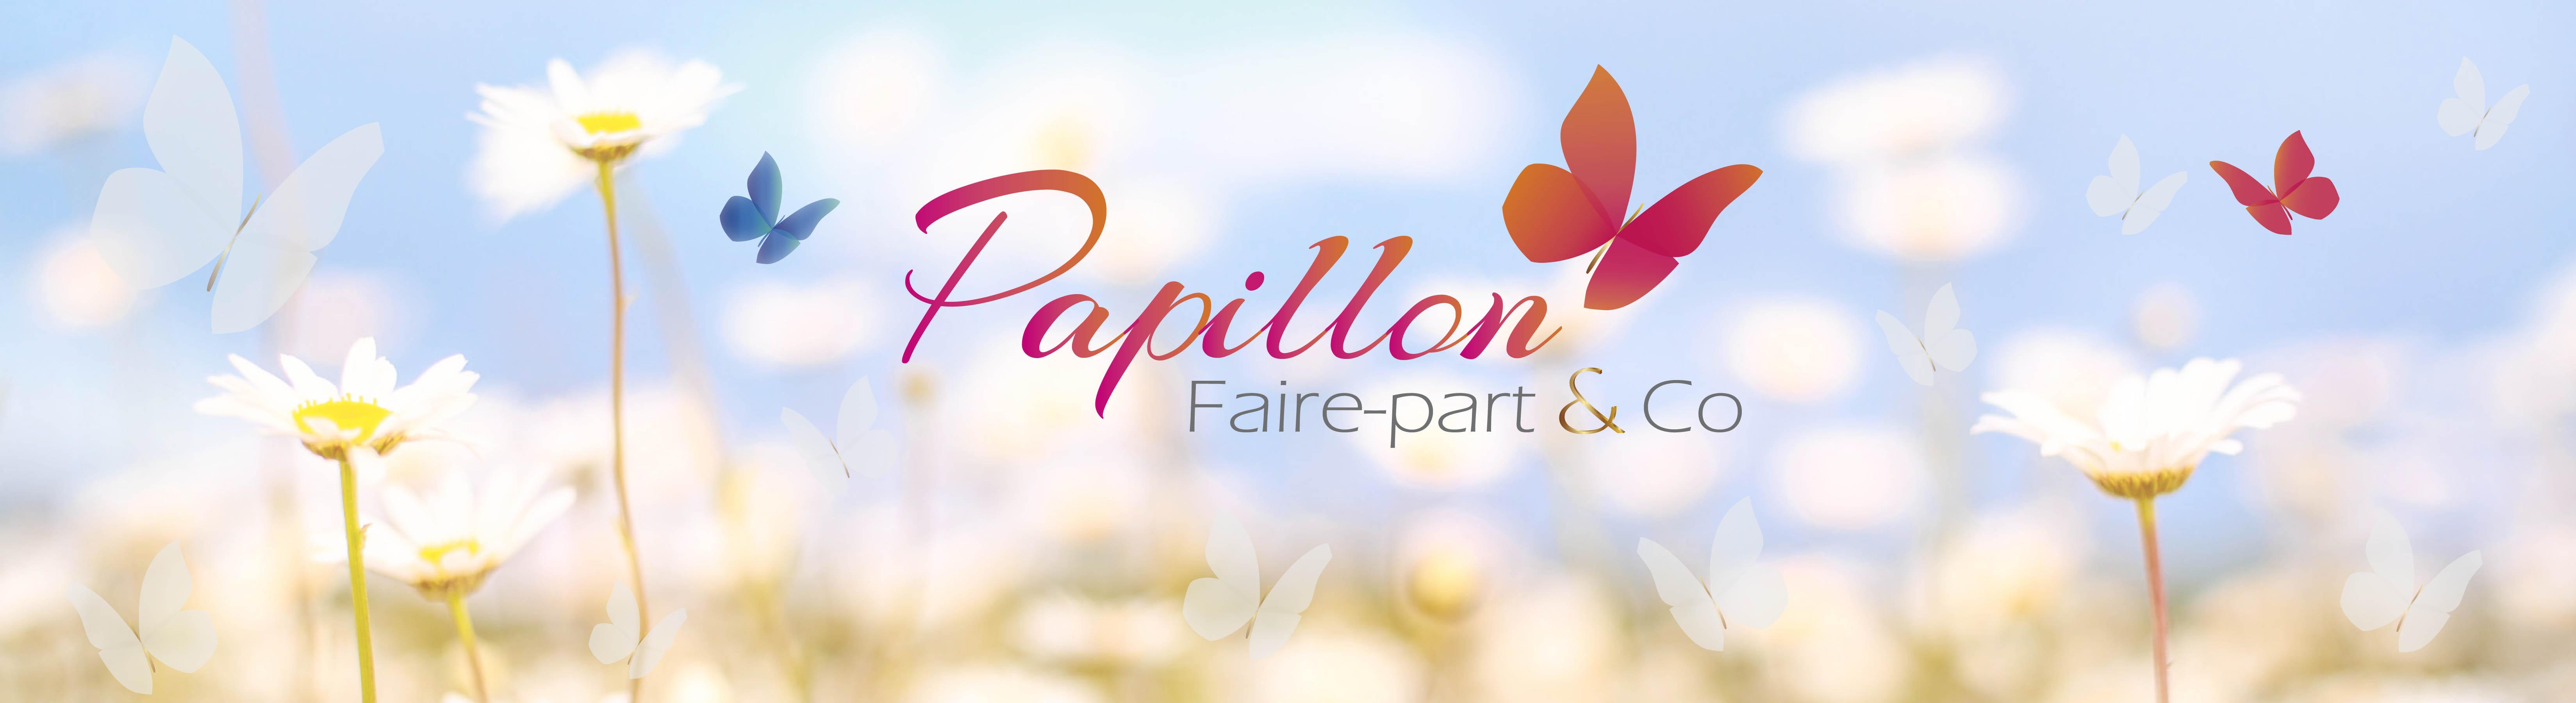 Papillon Faire-part & Co est un atelier de création de faire-part